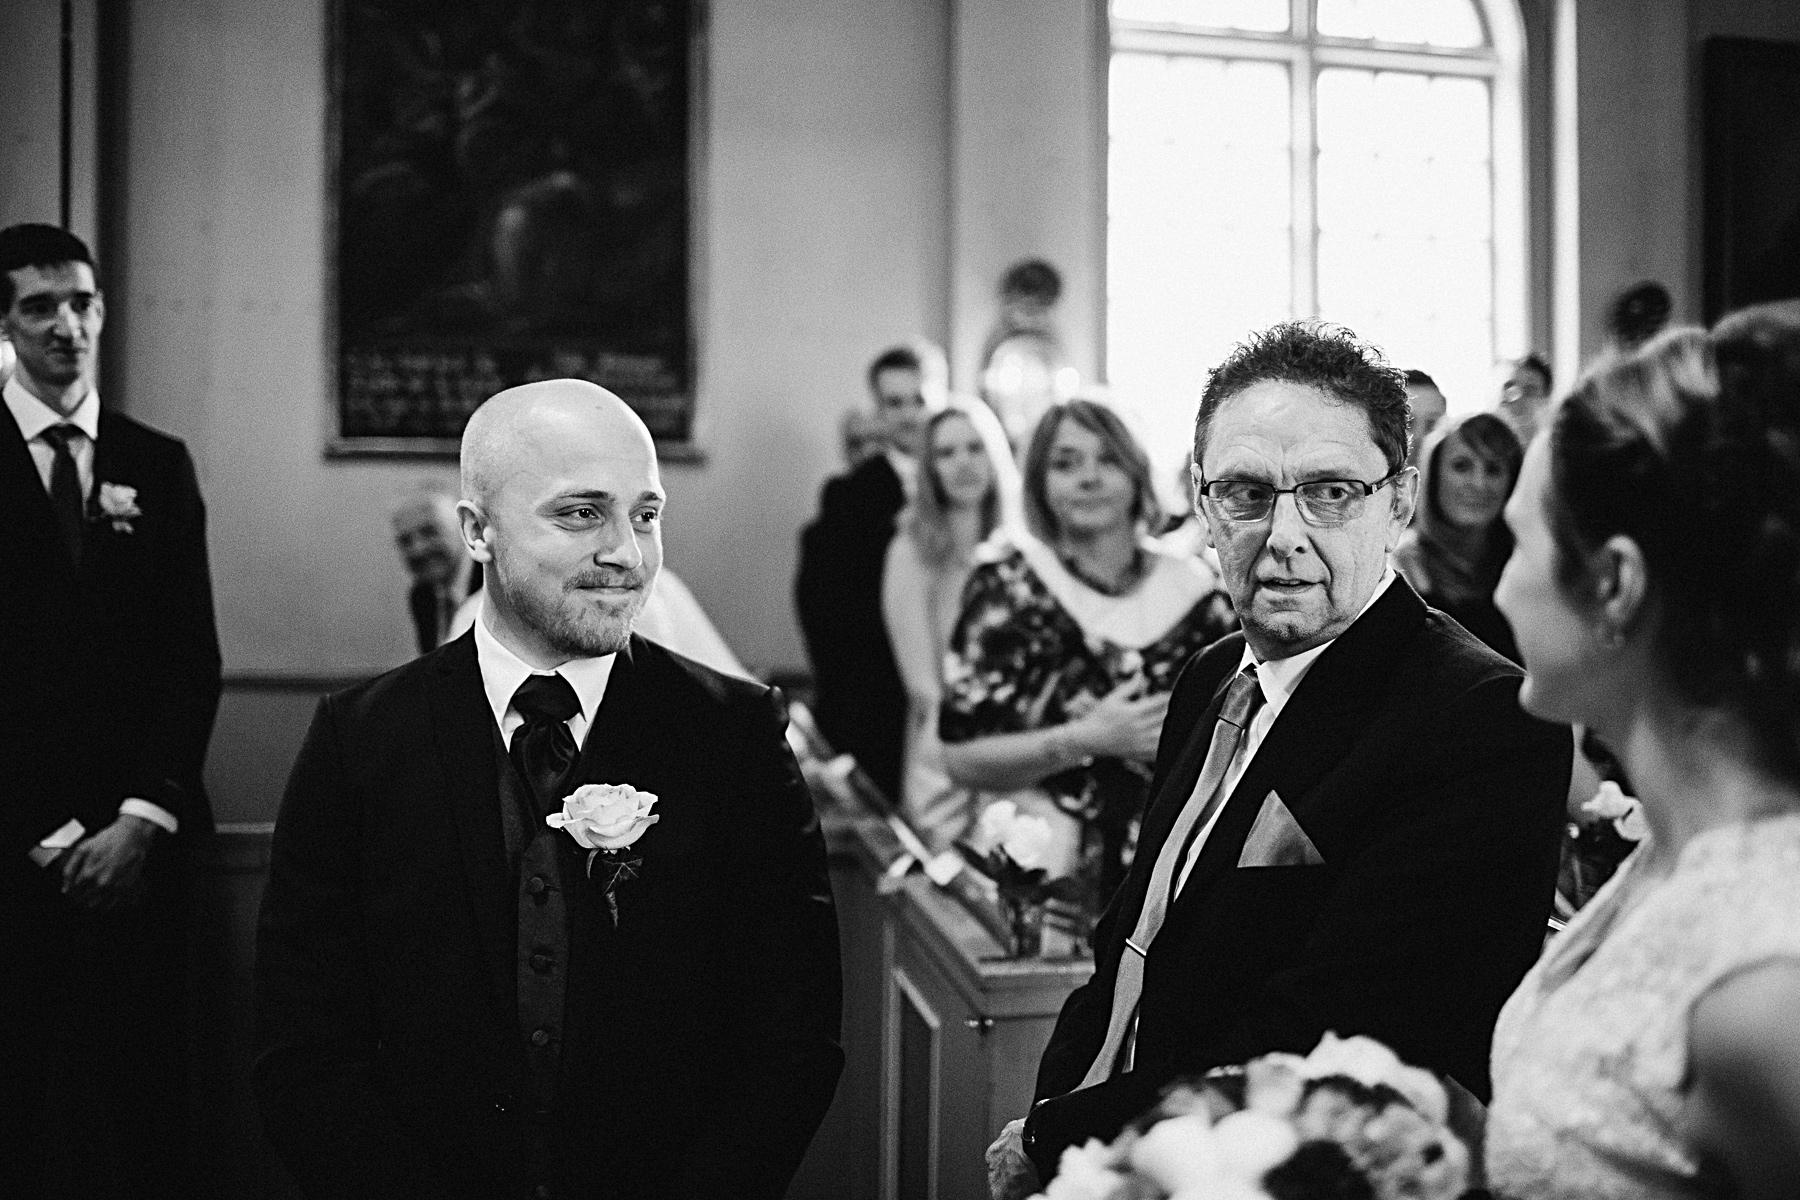 brudgummen m ter bruden i kyrkan